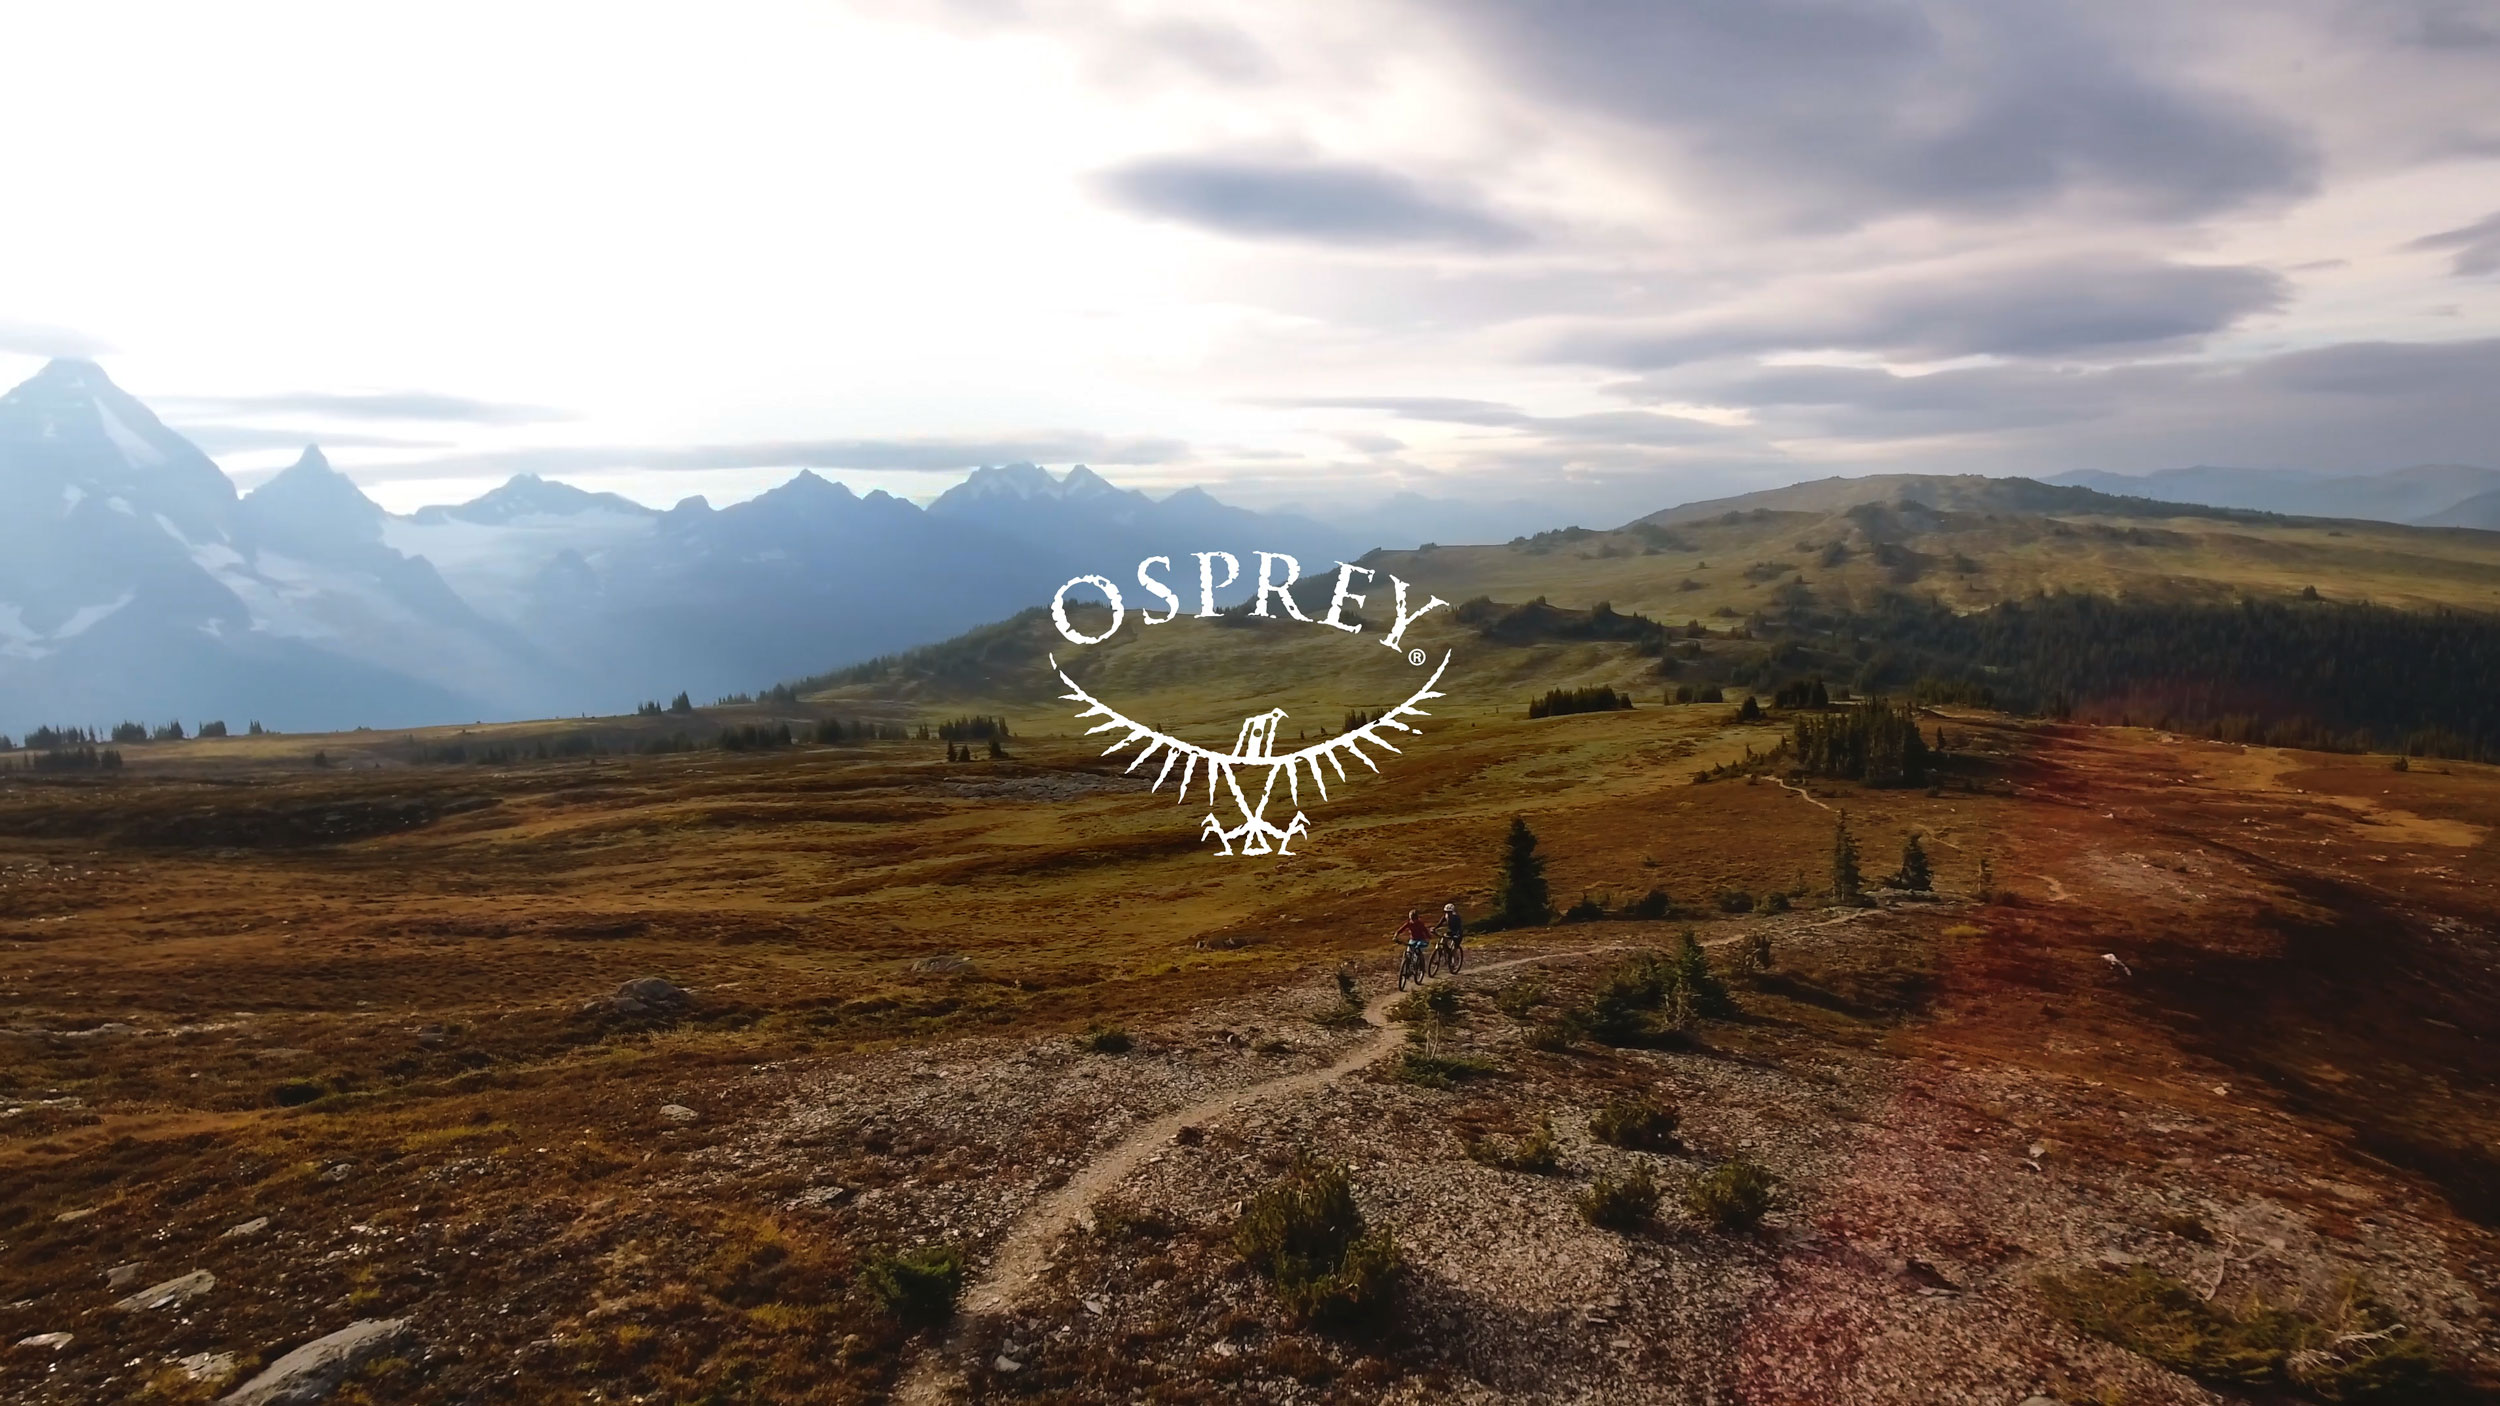 Osprey_Screenshot_4K_02.jpg